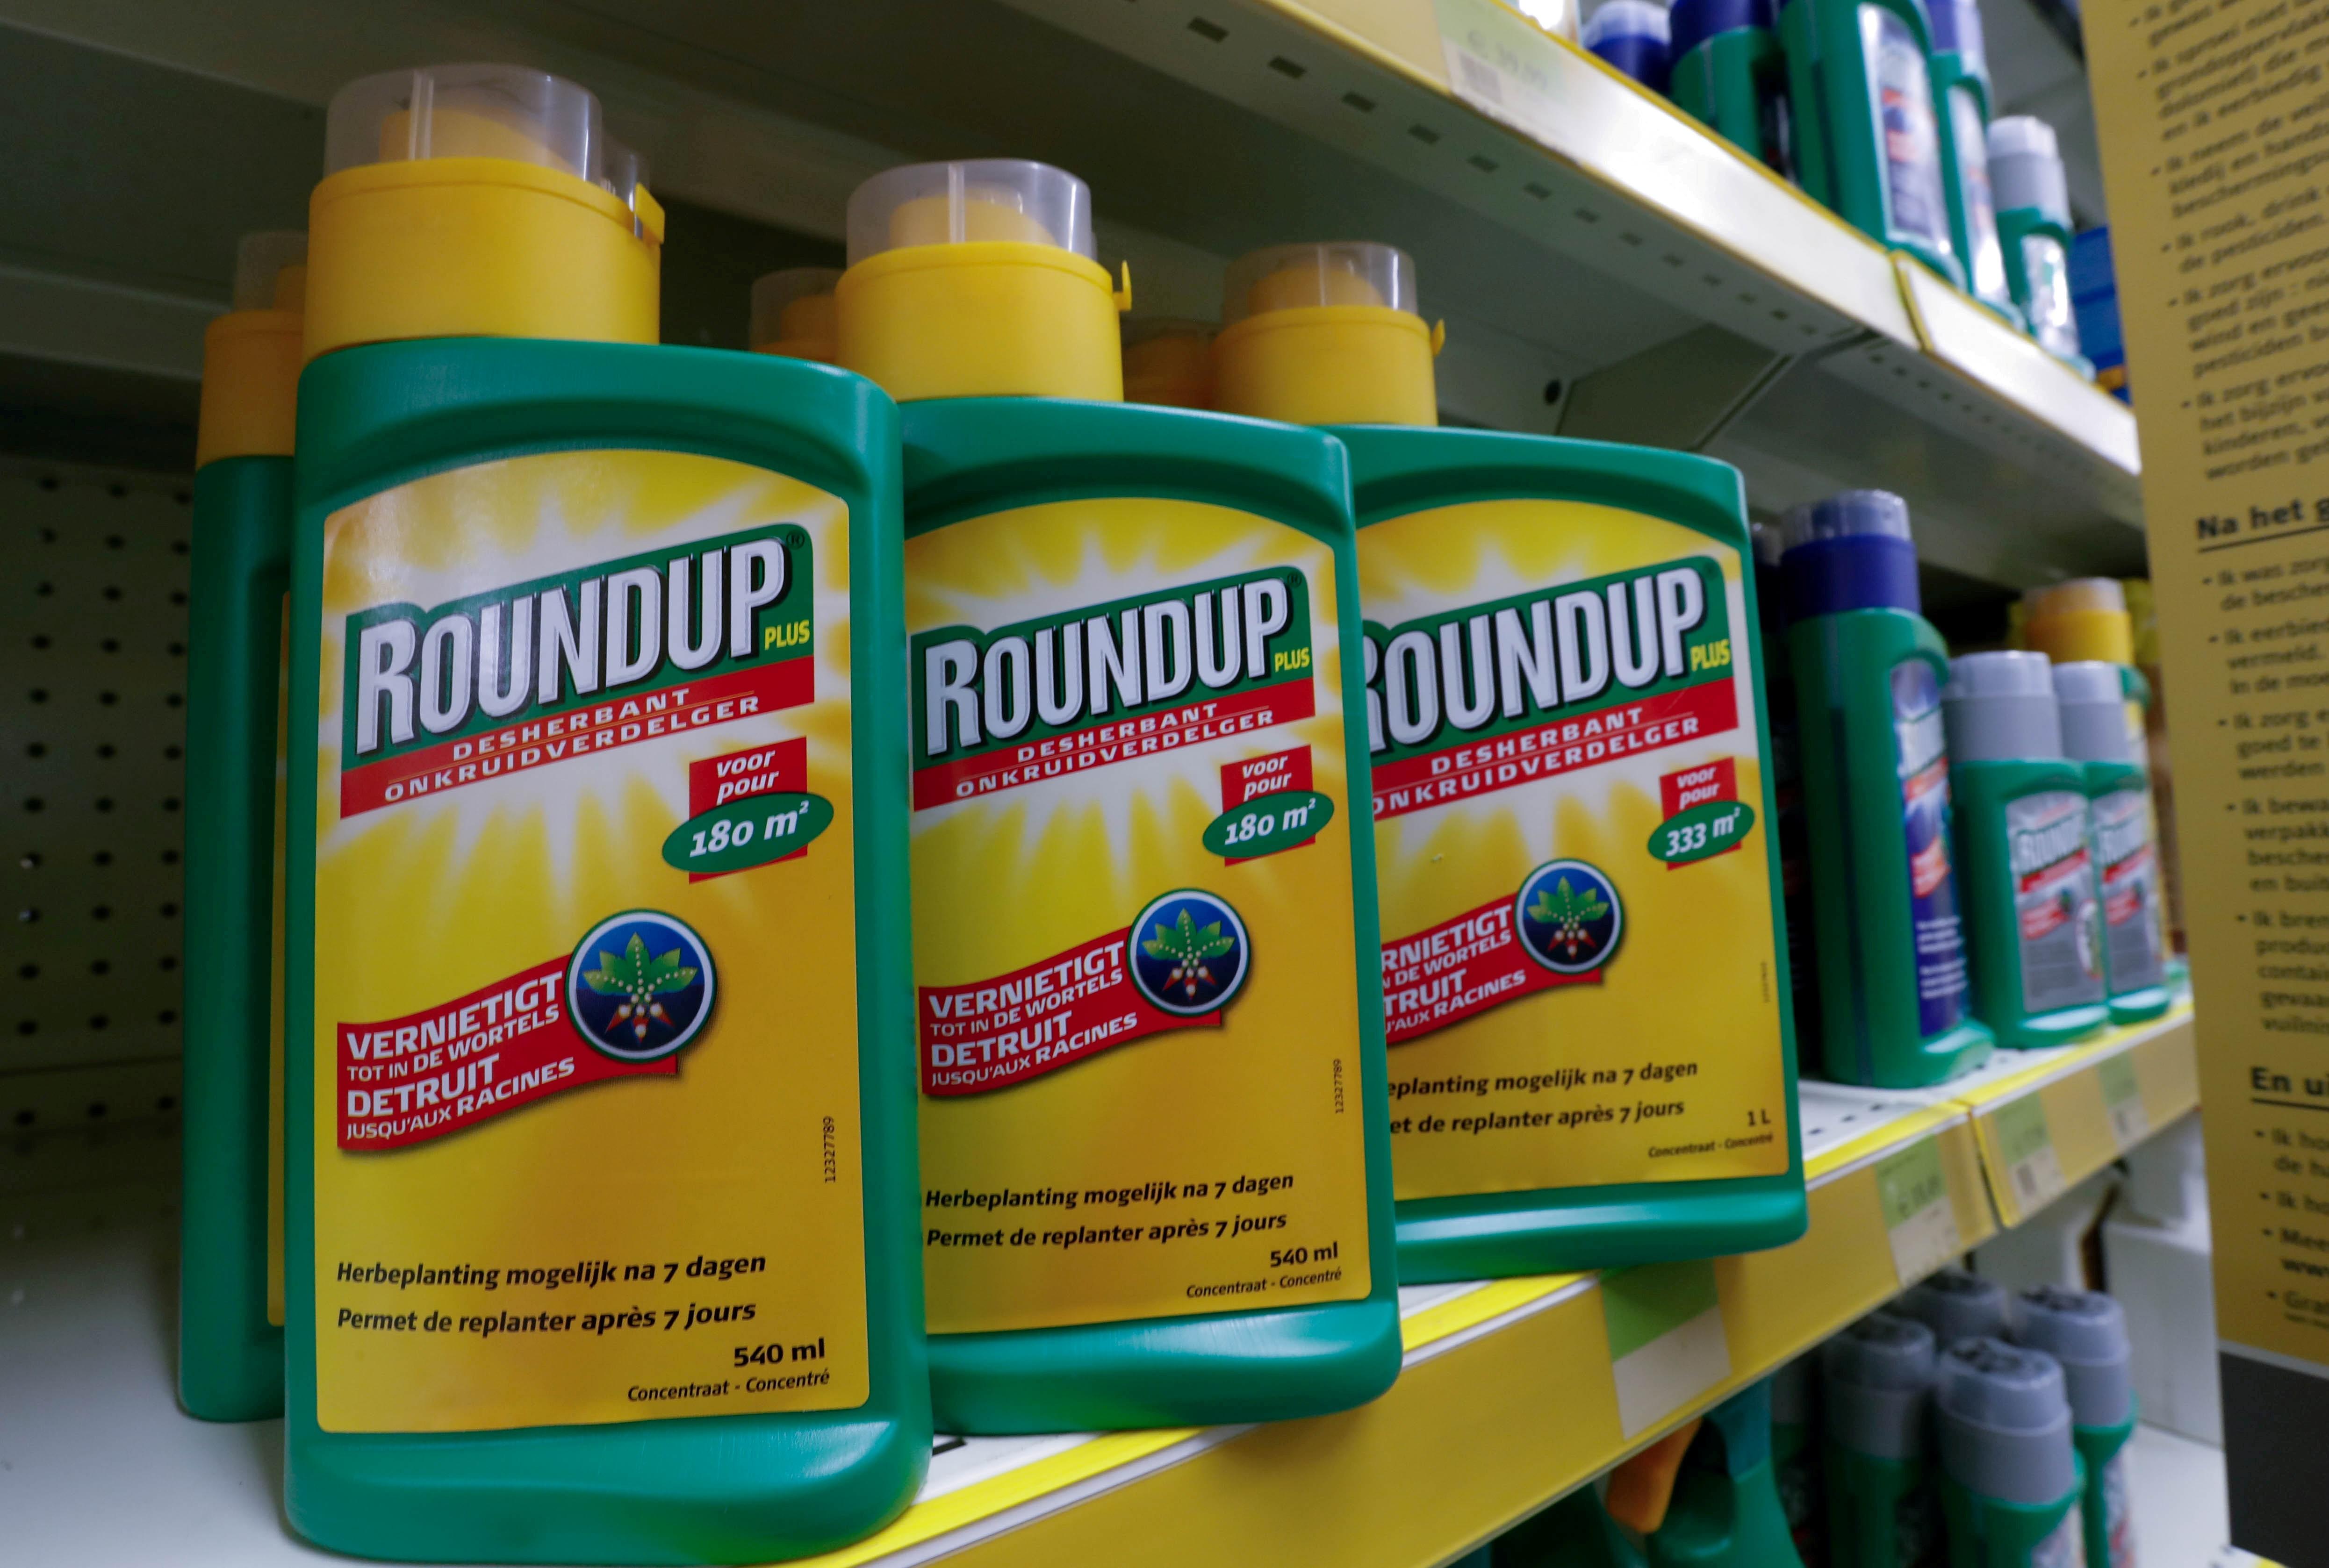 Monsanto investigou 600 pessoas na França e na Alemanha para tentar influenciar opiniões sobre glifosato